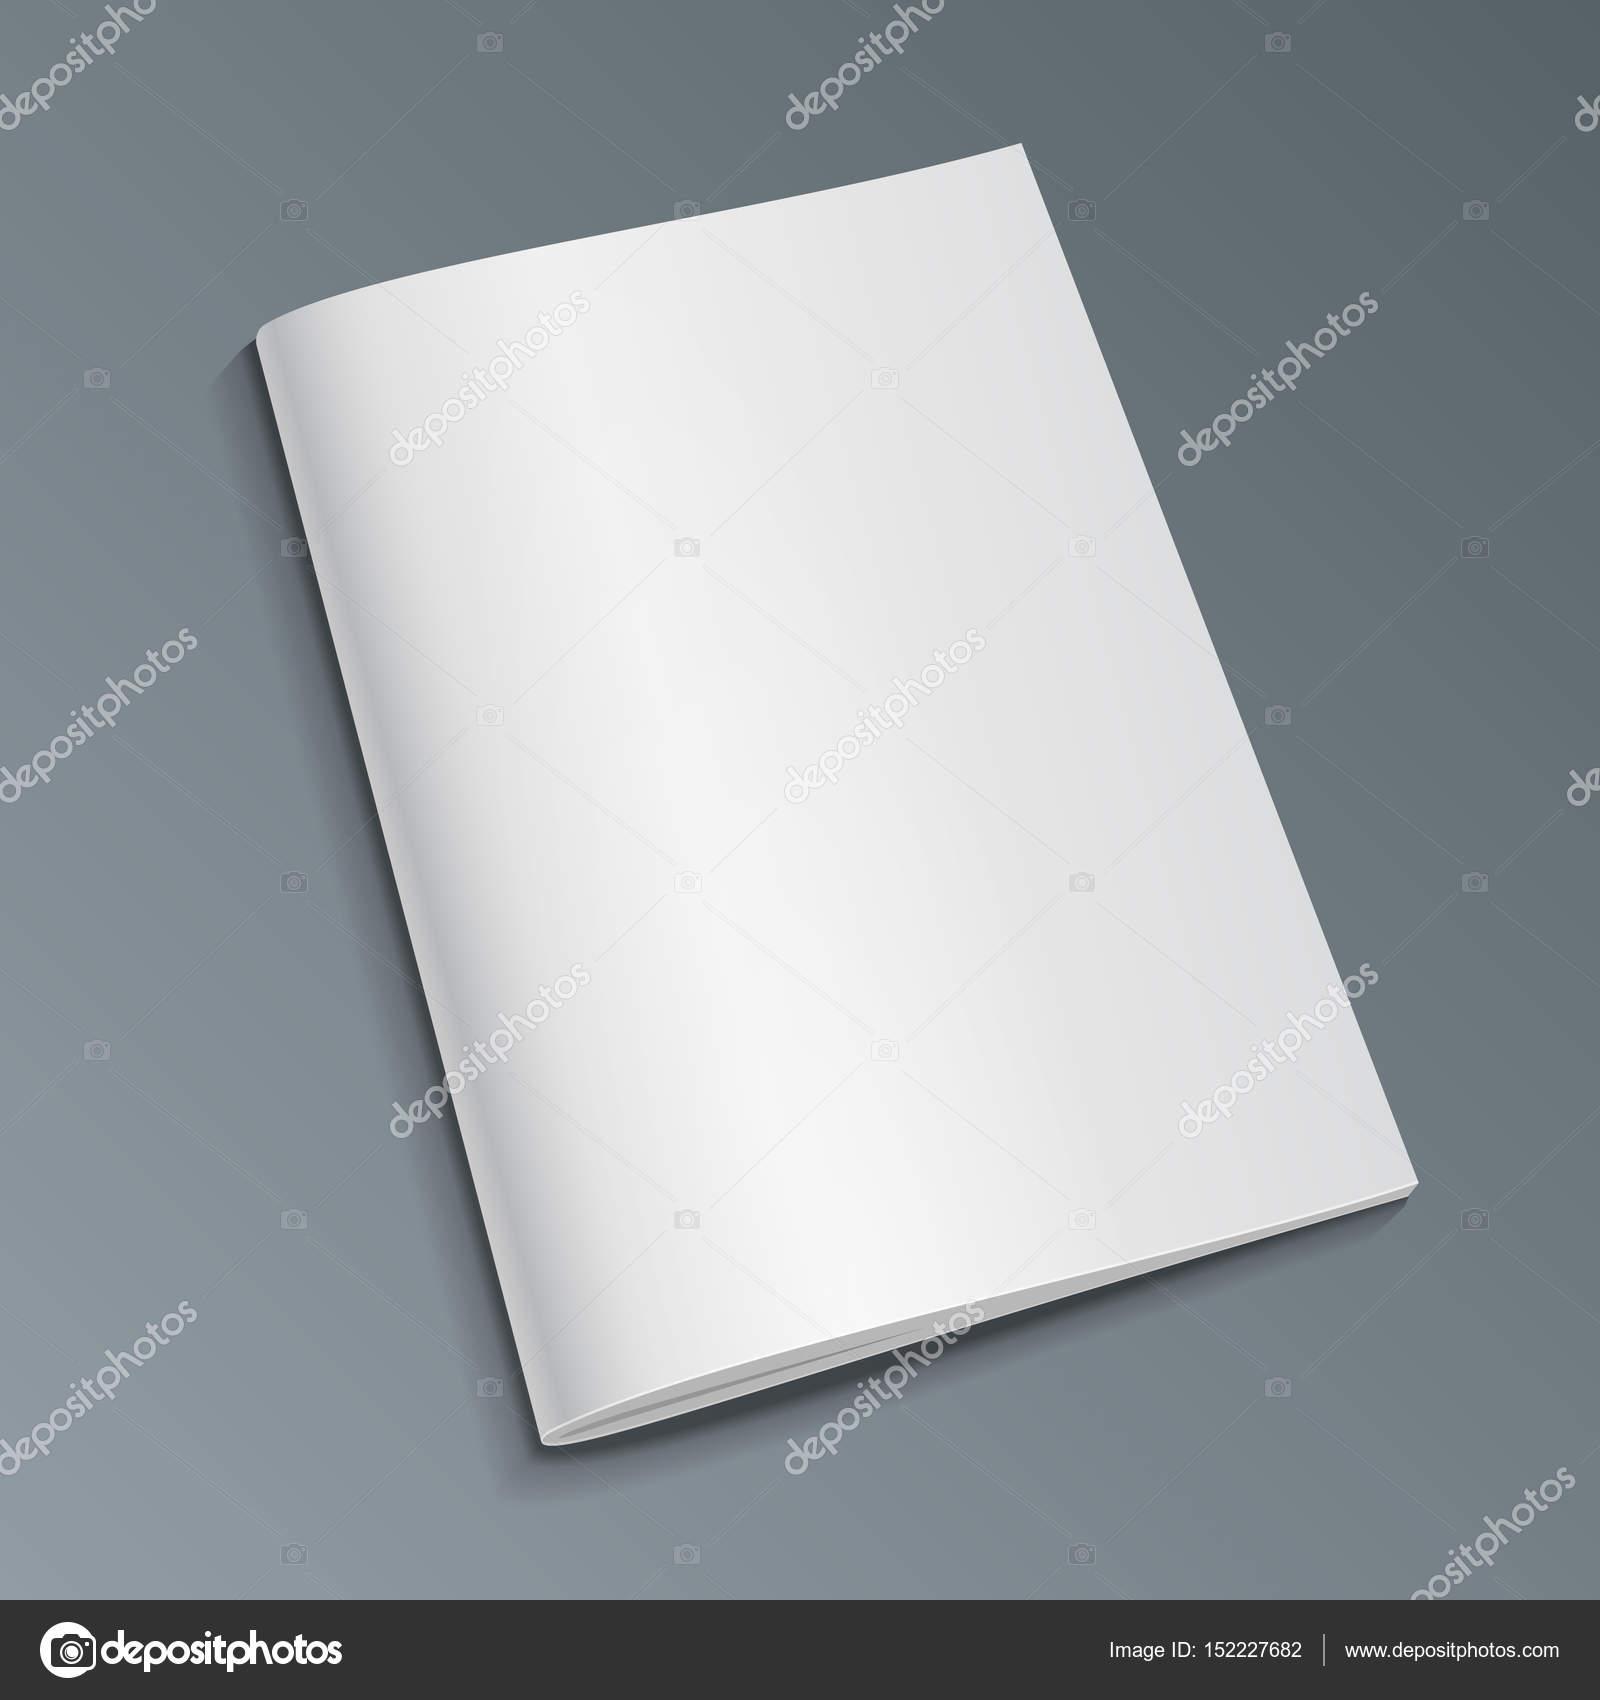 Blank Abdeckung Des Magazin, Buch, Broschüre, Prospekt. Illustration ...